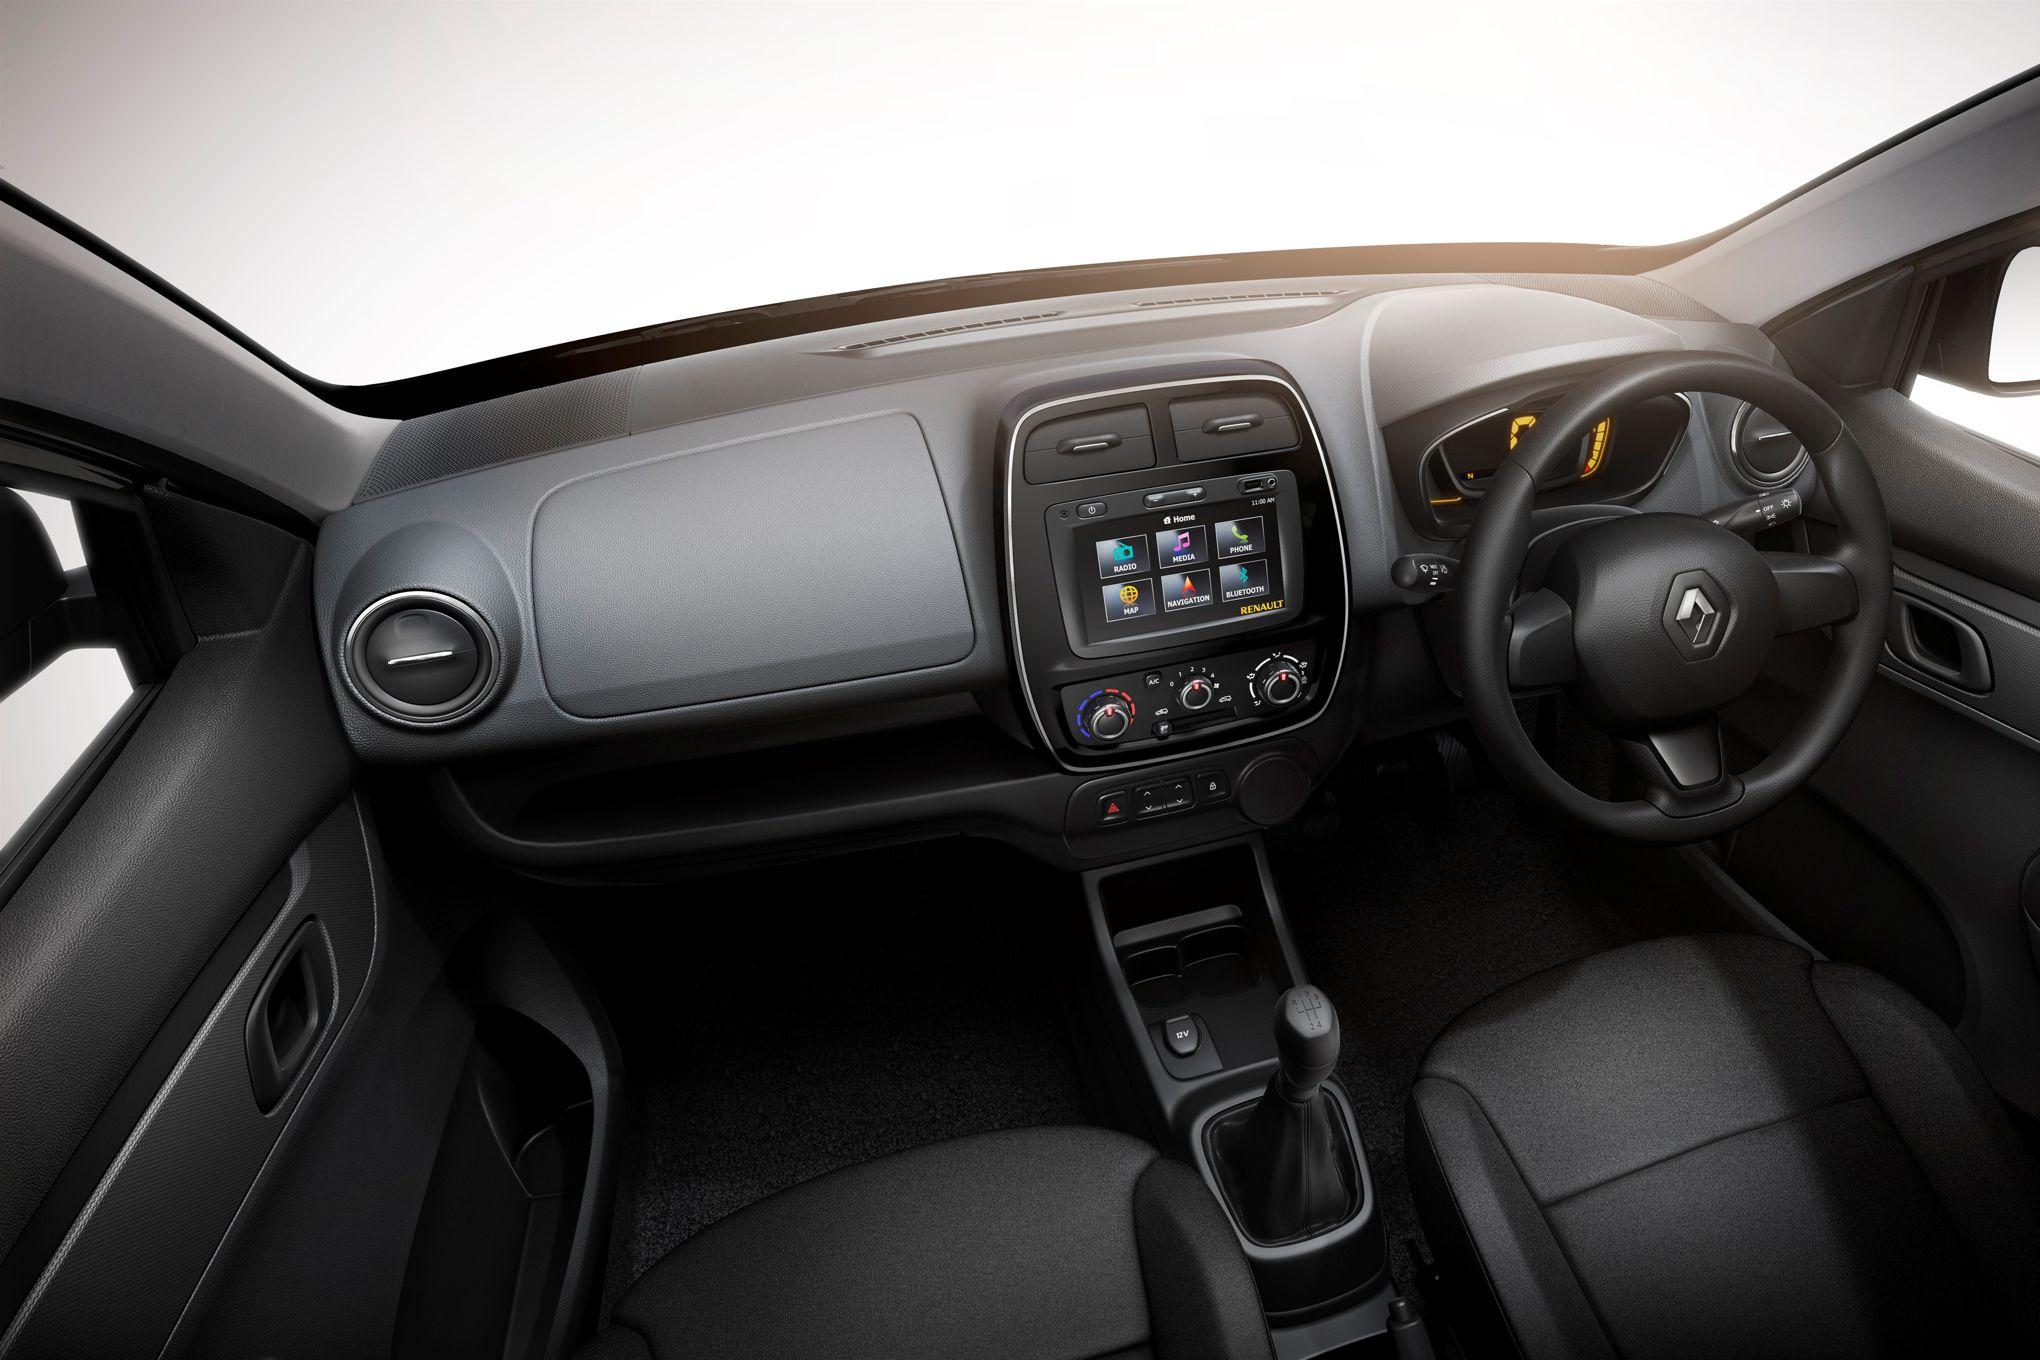 2015 - [Renault] Kwid [BBA] (Inde) [BBB] (Brésil) - Page 32 XVMca44ab72-fec0-11e4-8db8-6d43728bd2a8-300x200